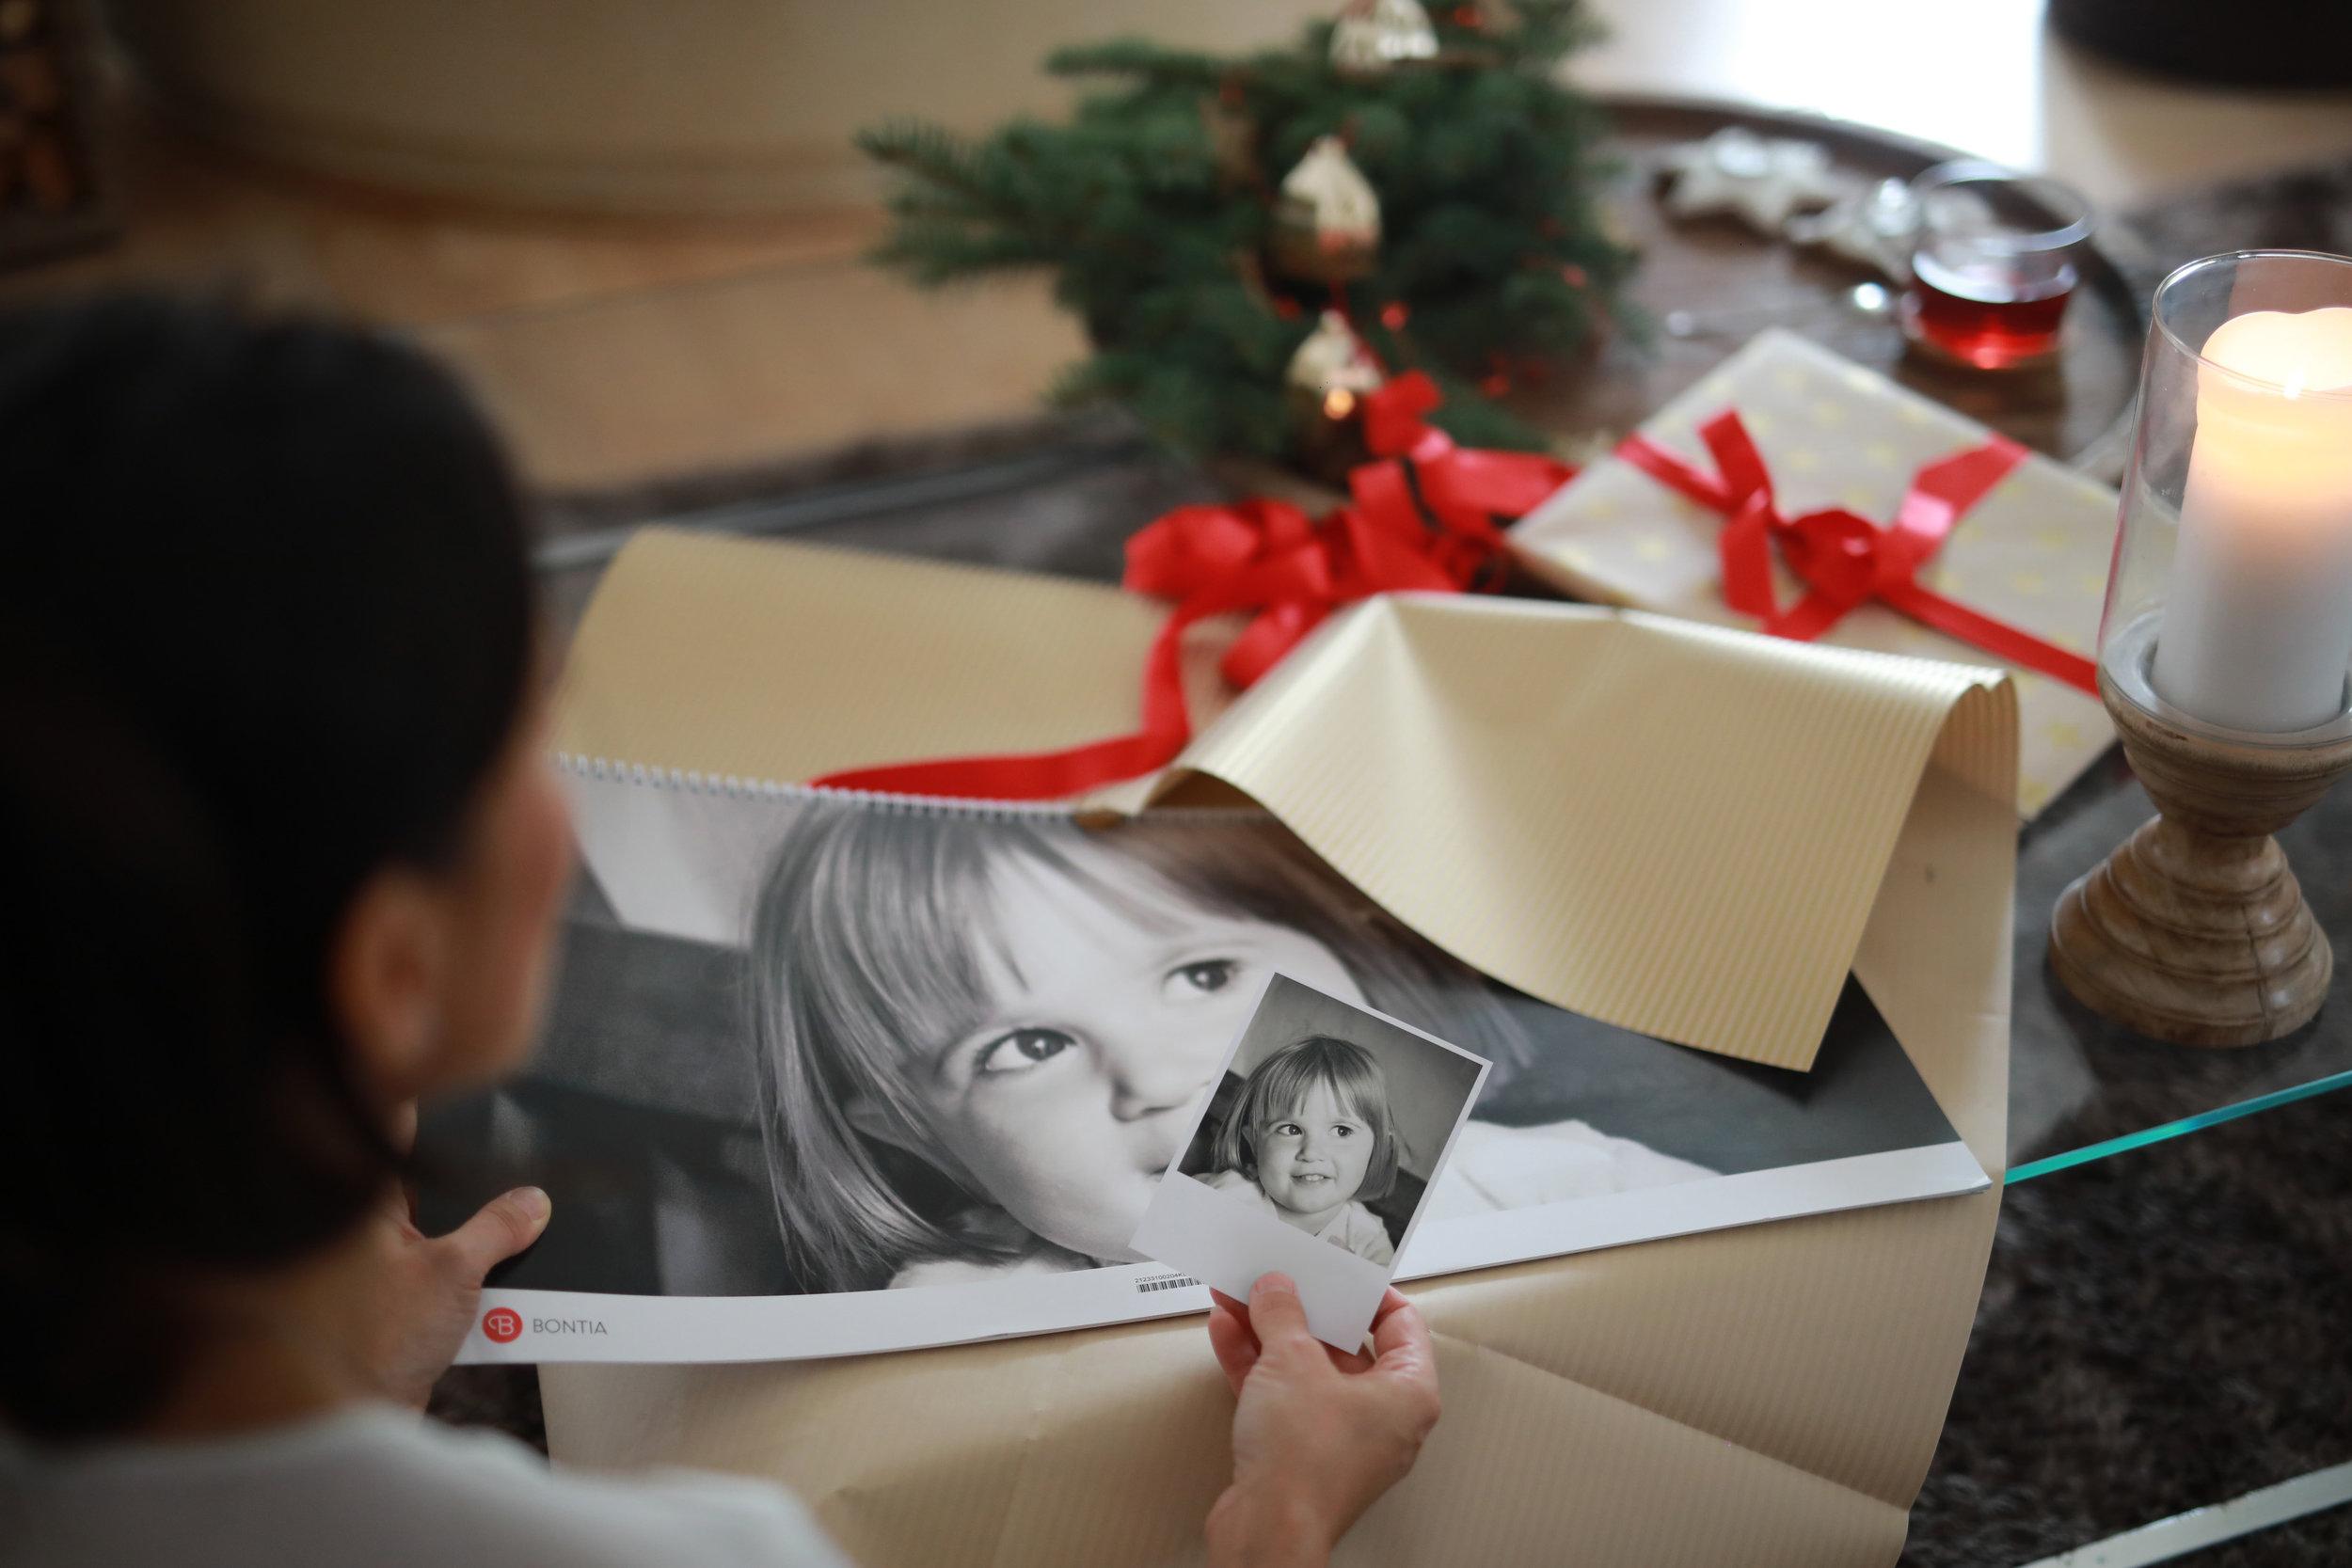 Bontia_Geschenk für die Oma_Wandkalender.jpg